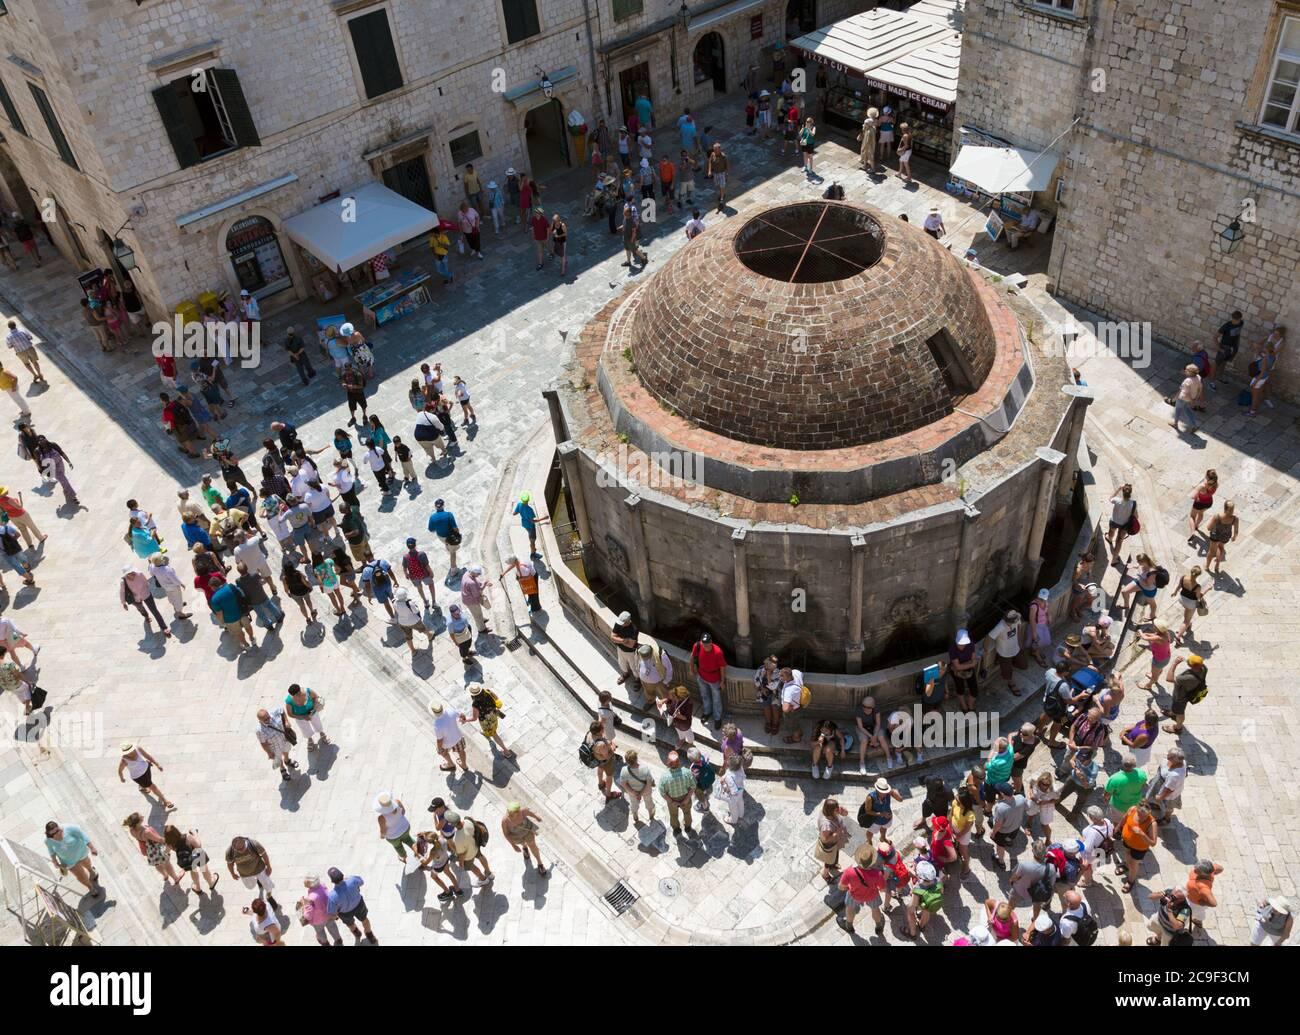 Dubrovnik, Dubrovnik-Neretva County, Kroatien.  Der große Brunnen von Onofrio.  Die Altstadt von Dubrovnik ist ein UNESCO-Weltkulturerbe. Stockfoto